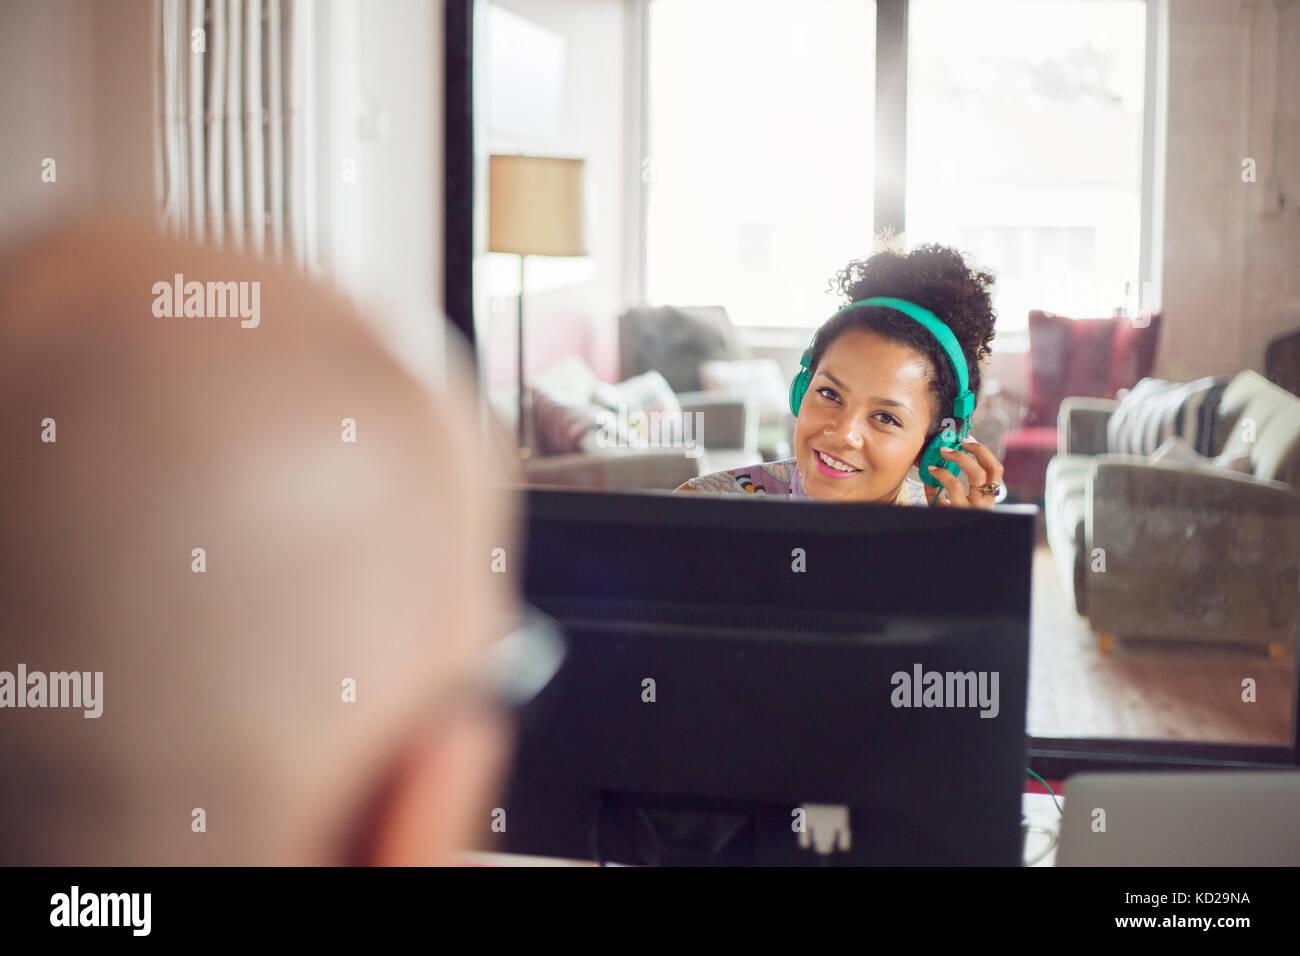 Mujer usando audífonos hablando al hombre calvo y sonriente Imagen De Stock